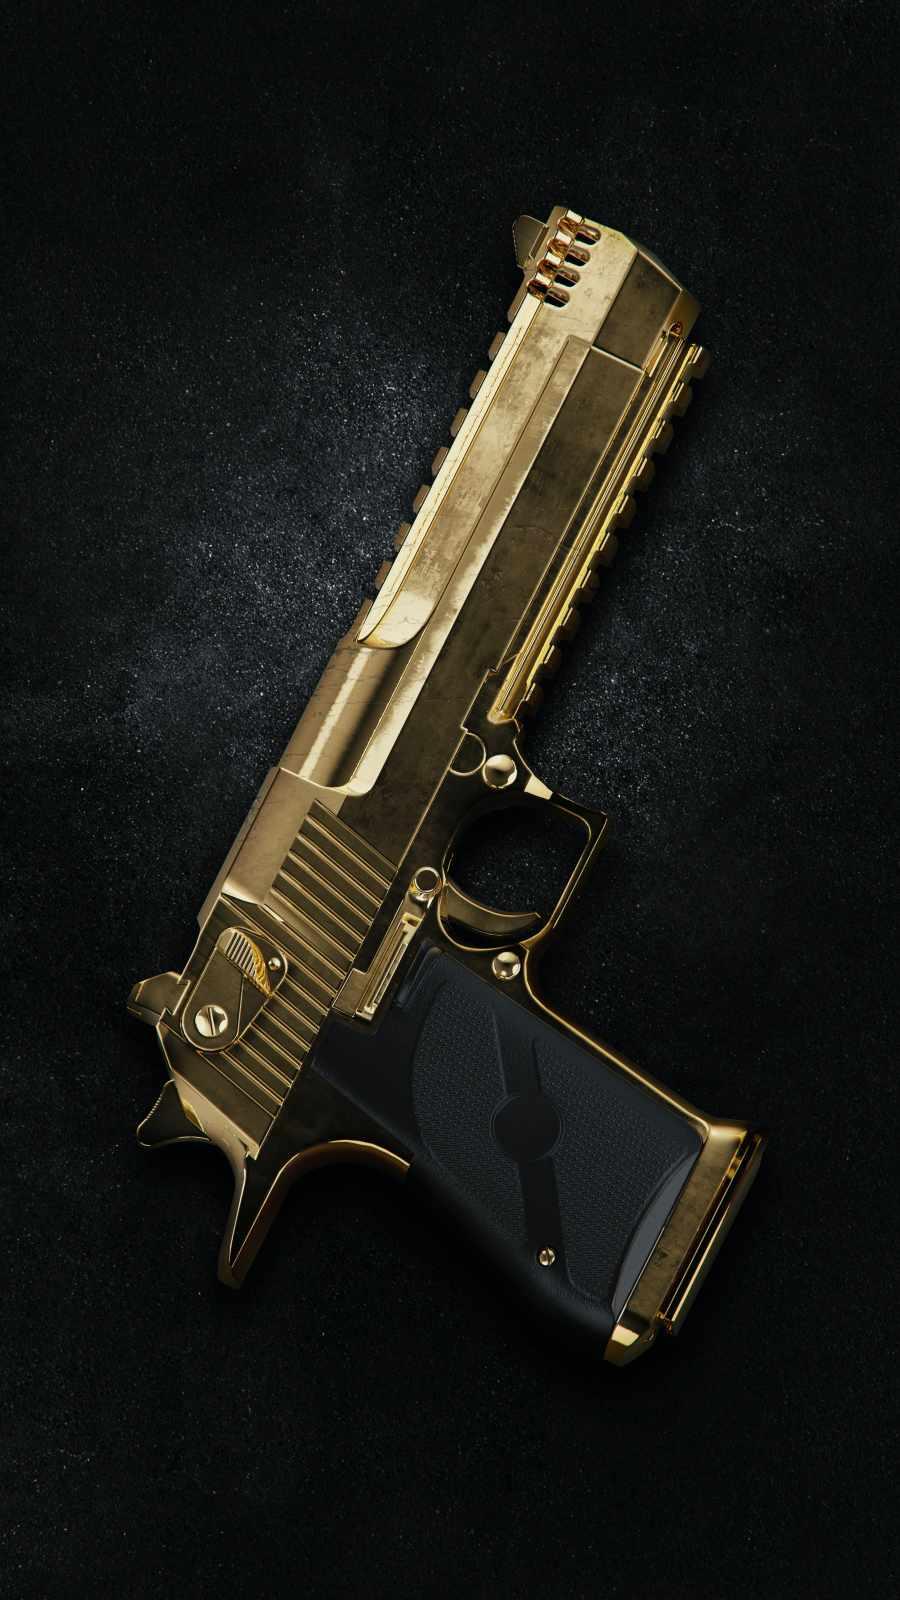 Gold Gun iPhone Wallpaper